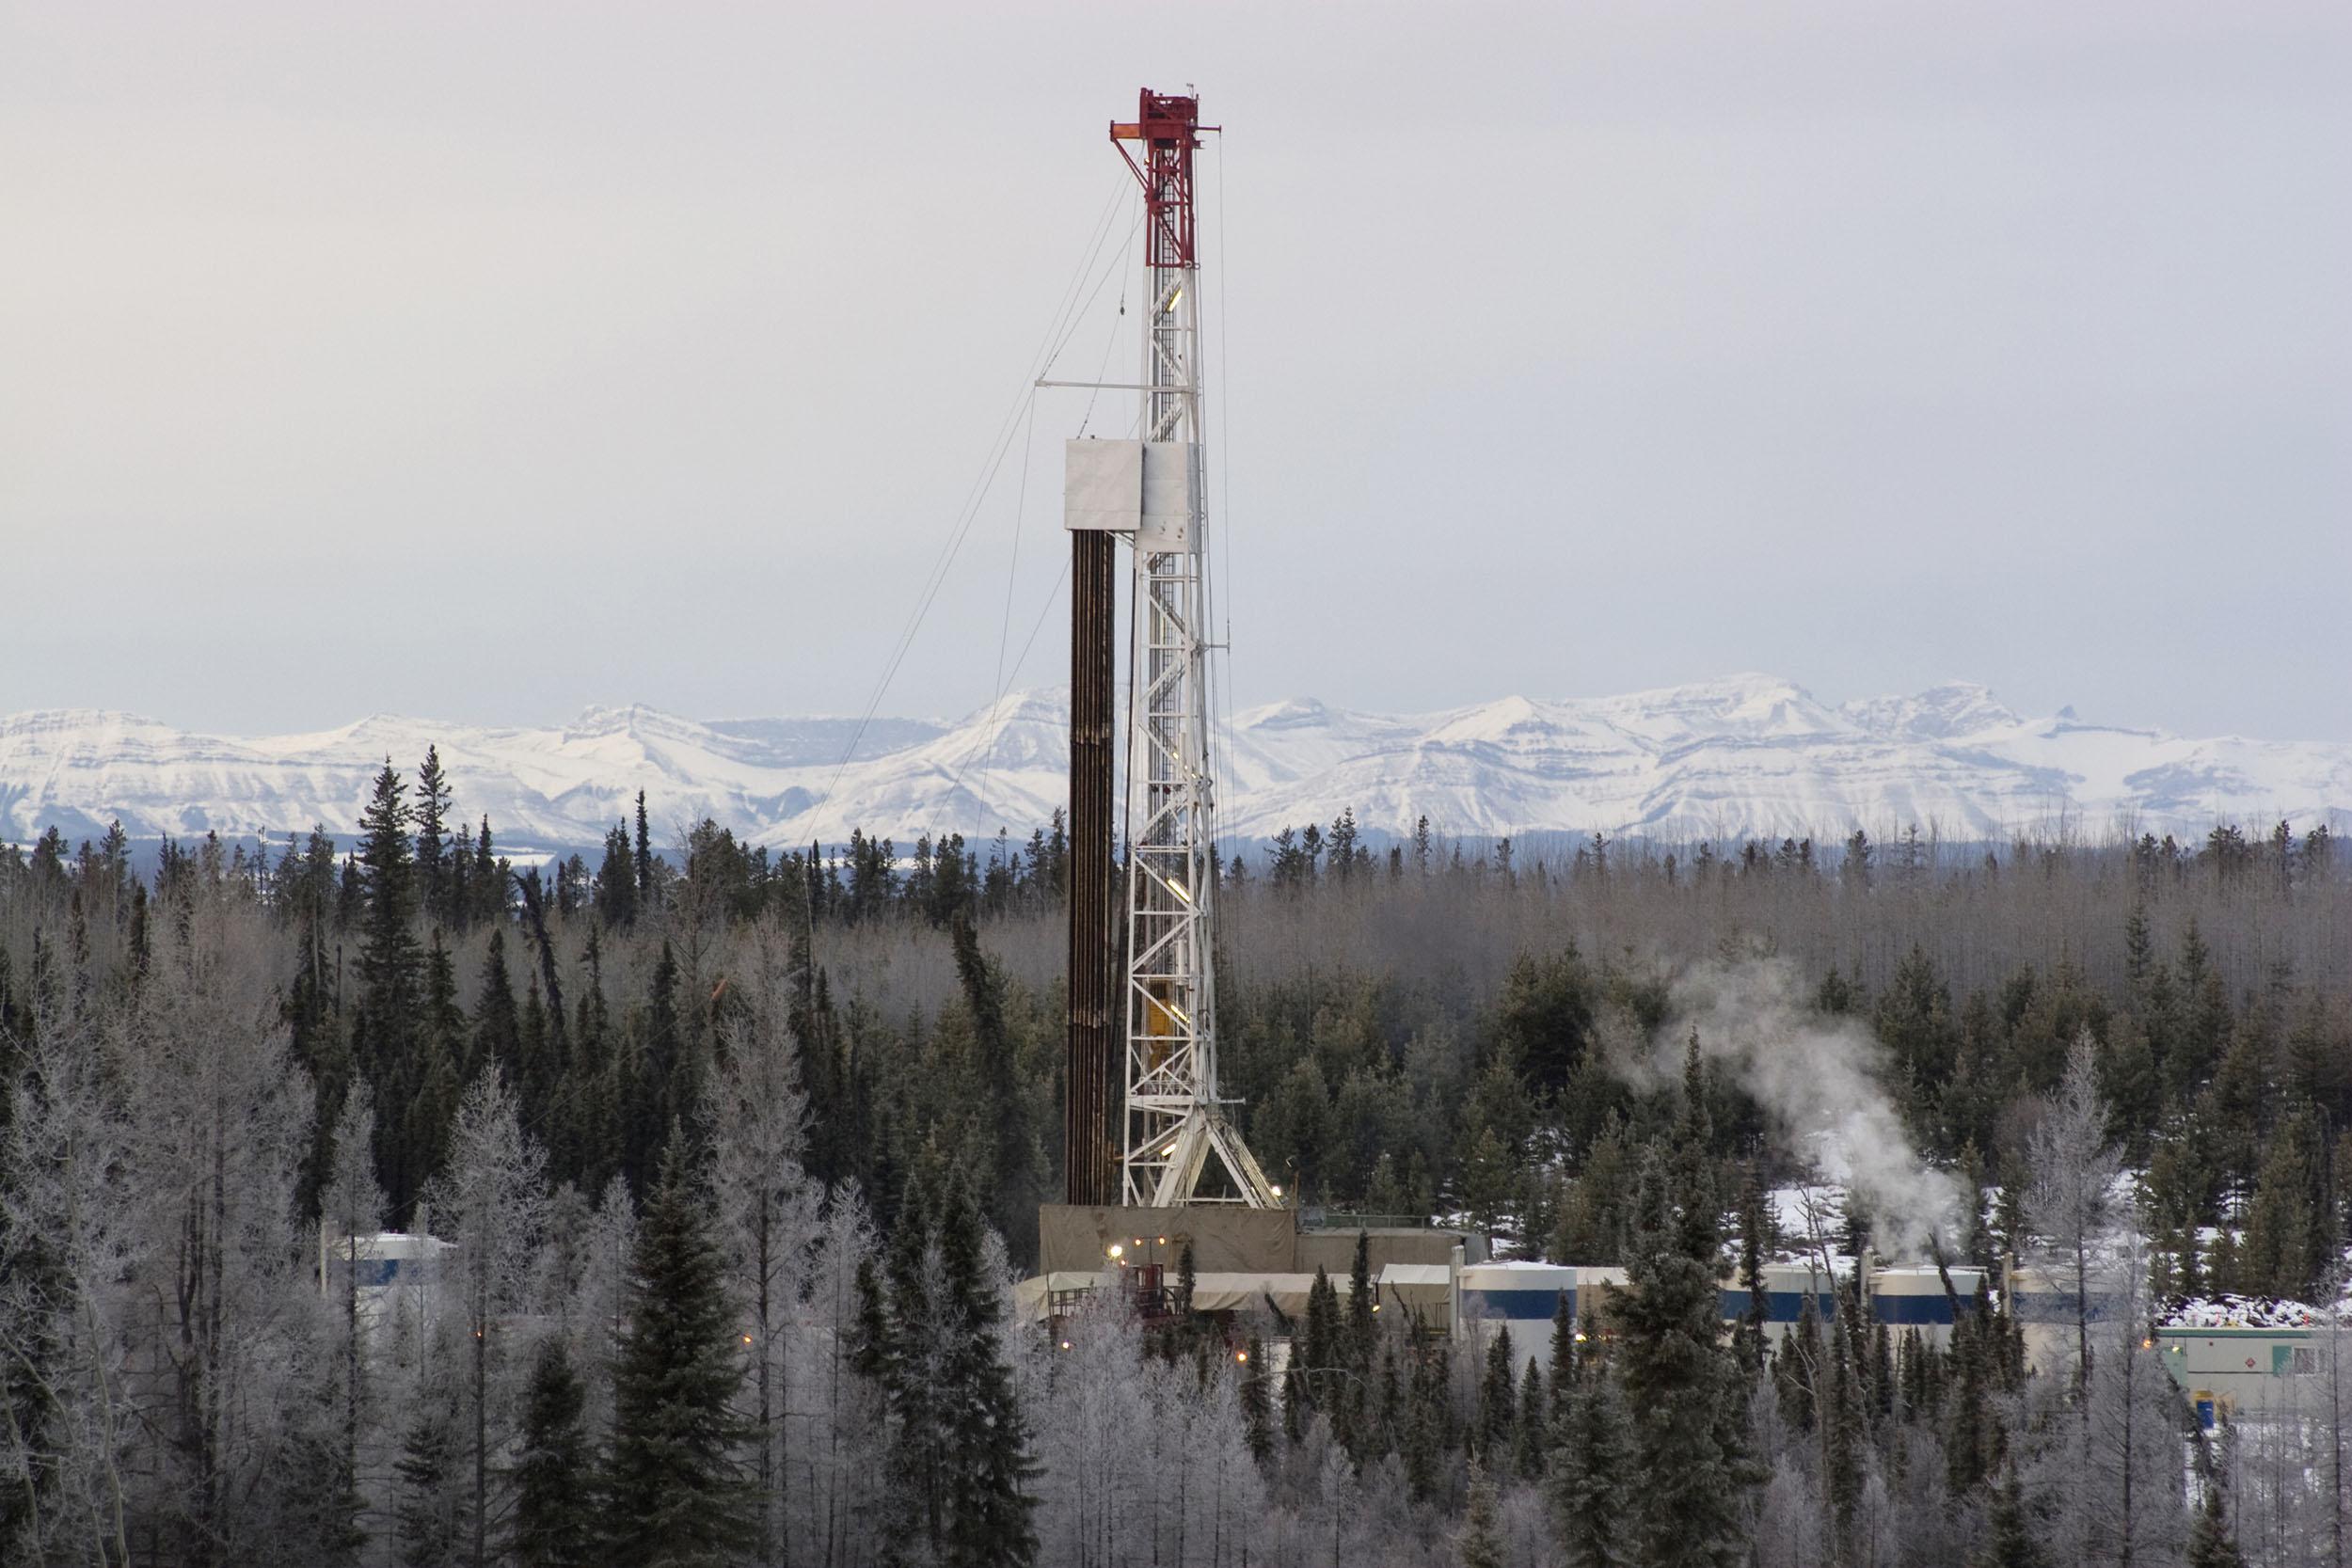 wolverine-oilfield-services